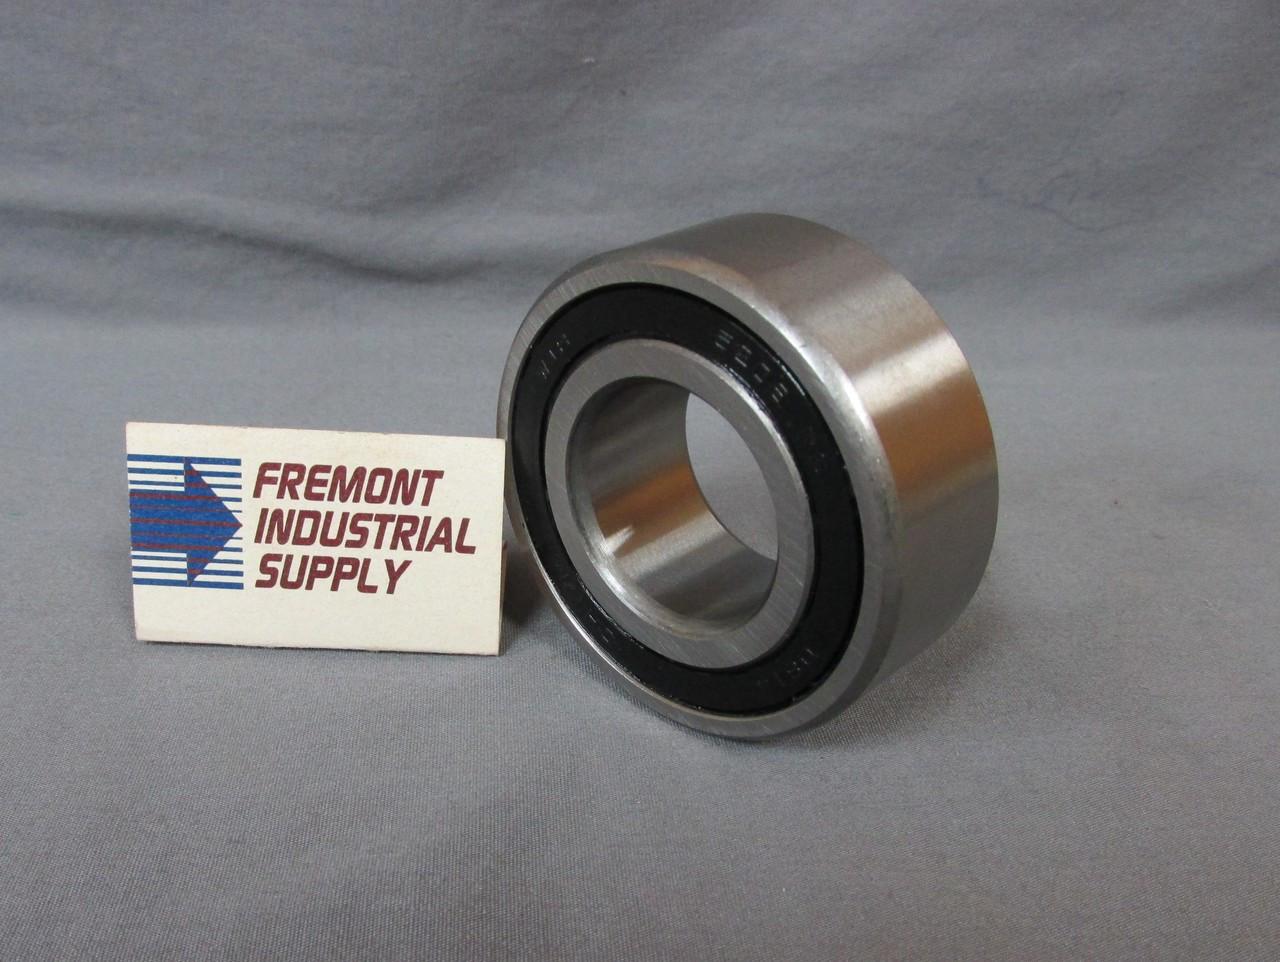 Delta Rockwell 920-07-080-5334 SP-5334 ND inboard bearing